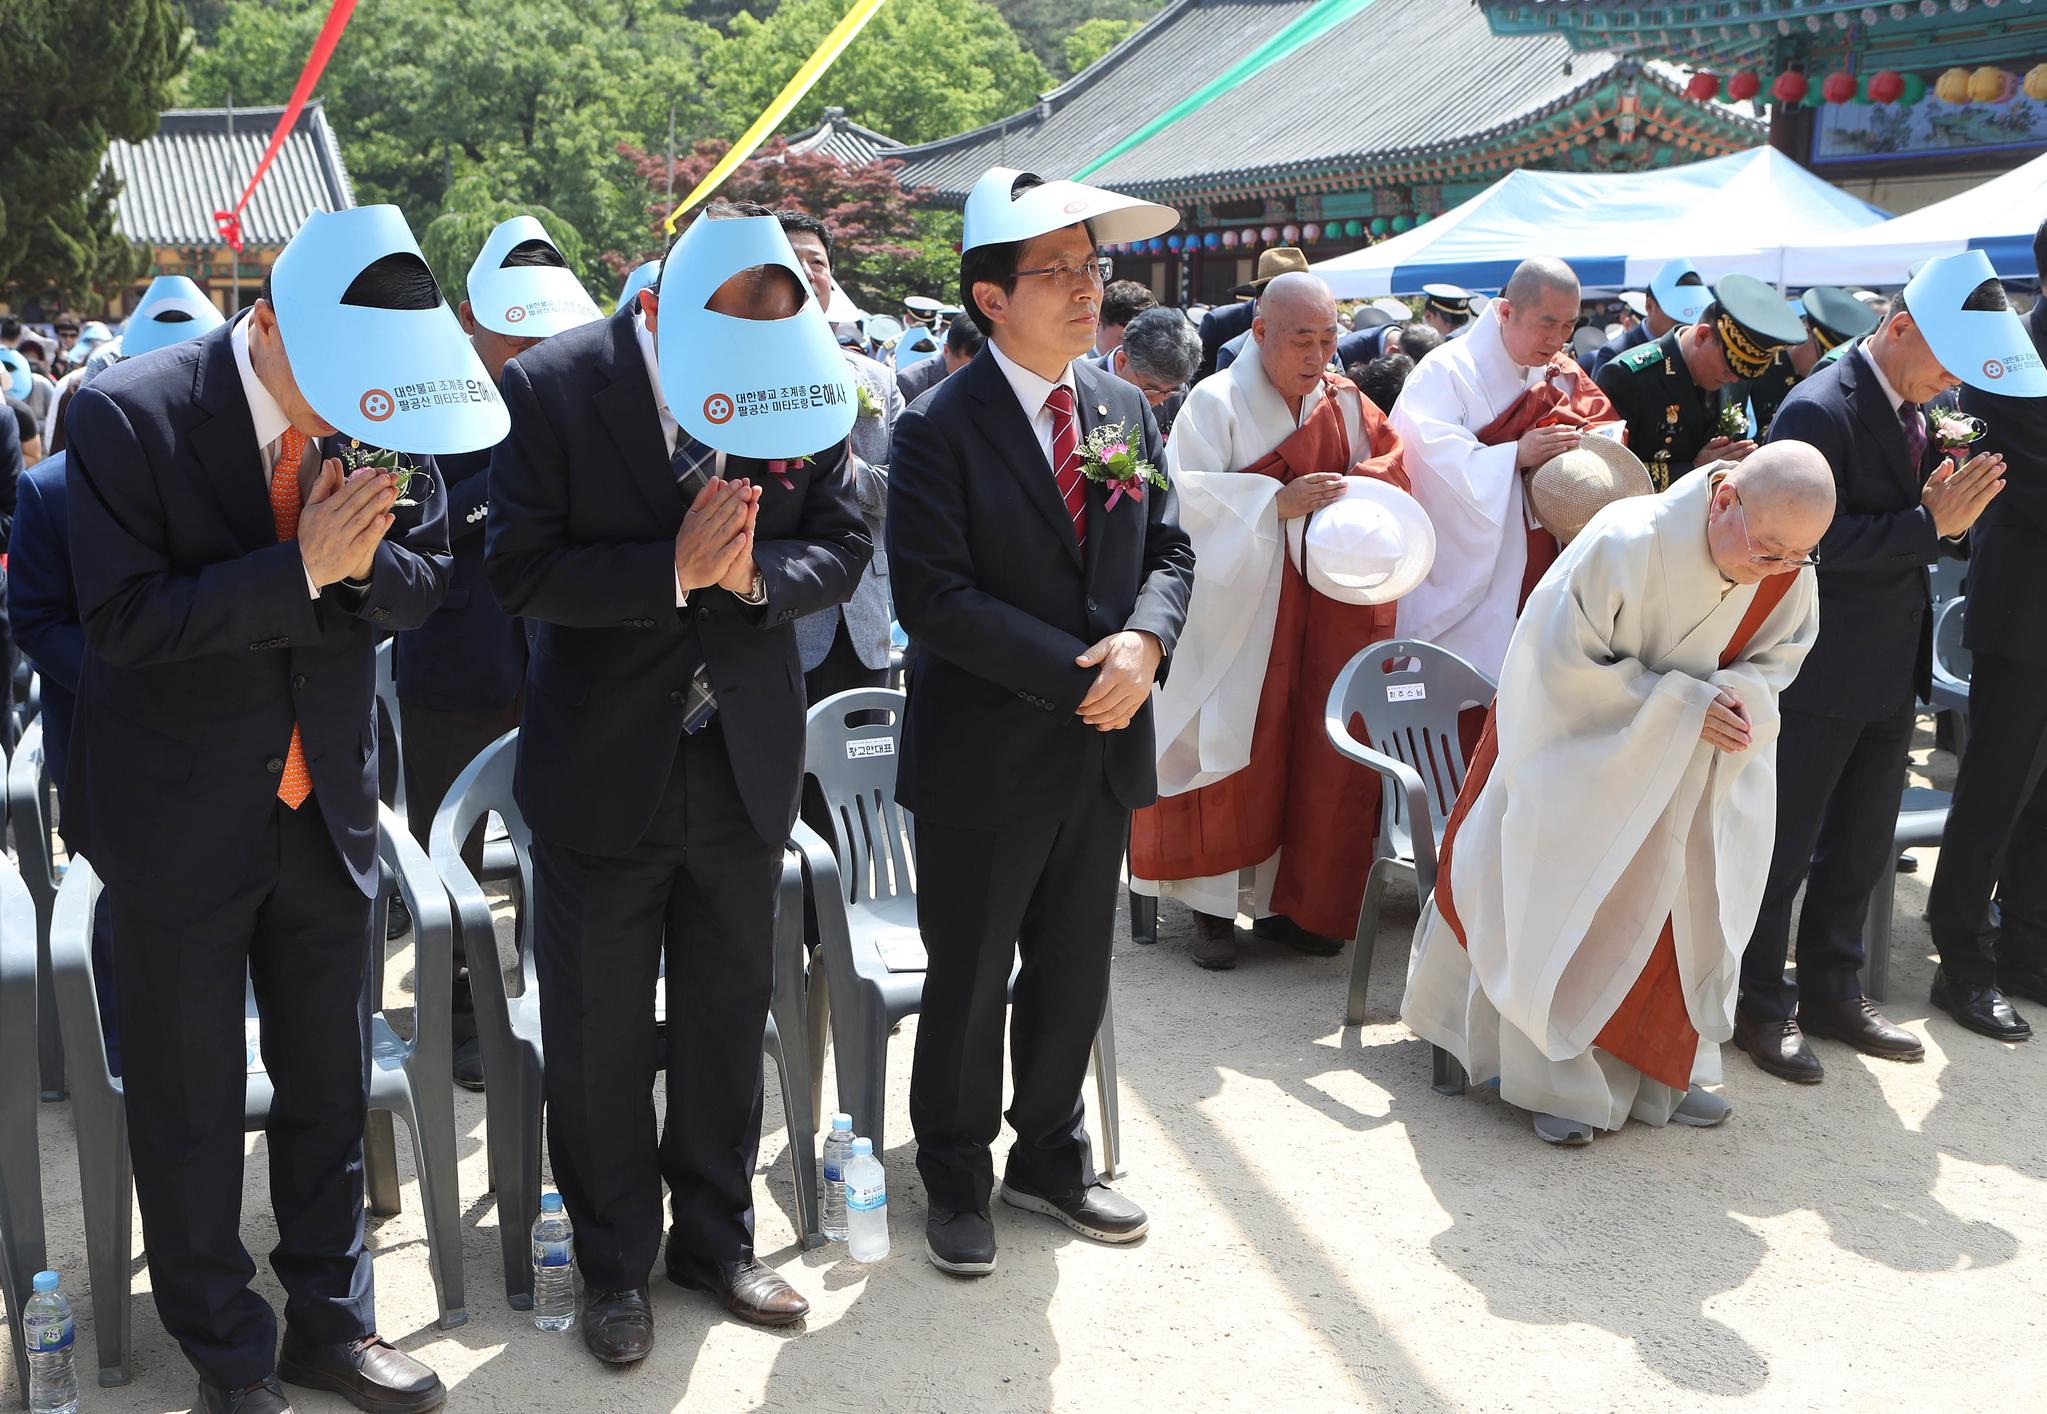 황교안 자유한국당 대표가 부처님오신날인 지난 12일 오후 경북 영천시 은해사를 찾아 봉축 법요식에 참석하고 있다. [연합뉴스]